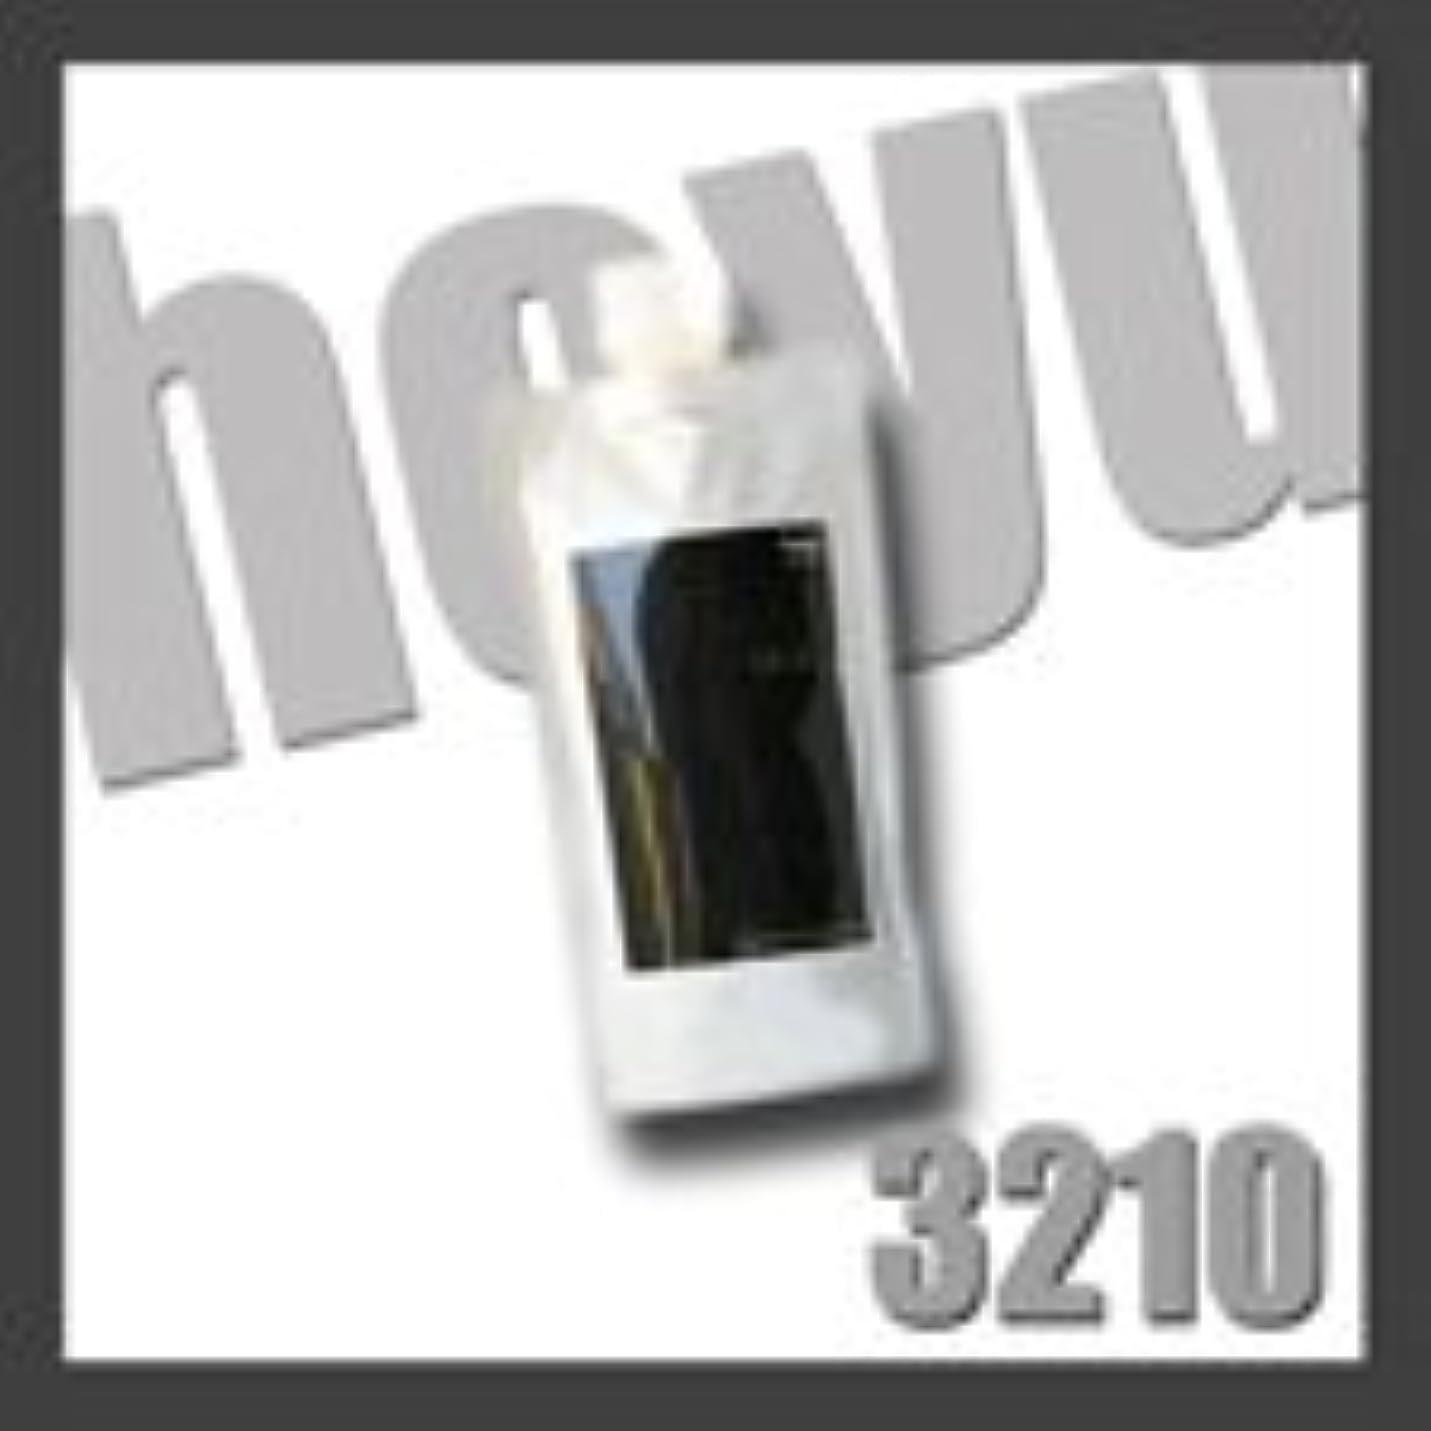 粘液虐待大量HOYU ホーユー 3210 ミニーレ ウルトラハード ワックス レフィル 200g 詰替用 フィニッシュワークシリーズ